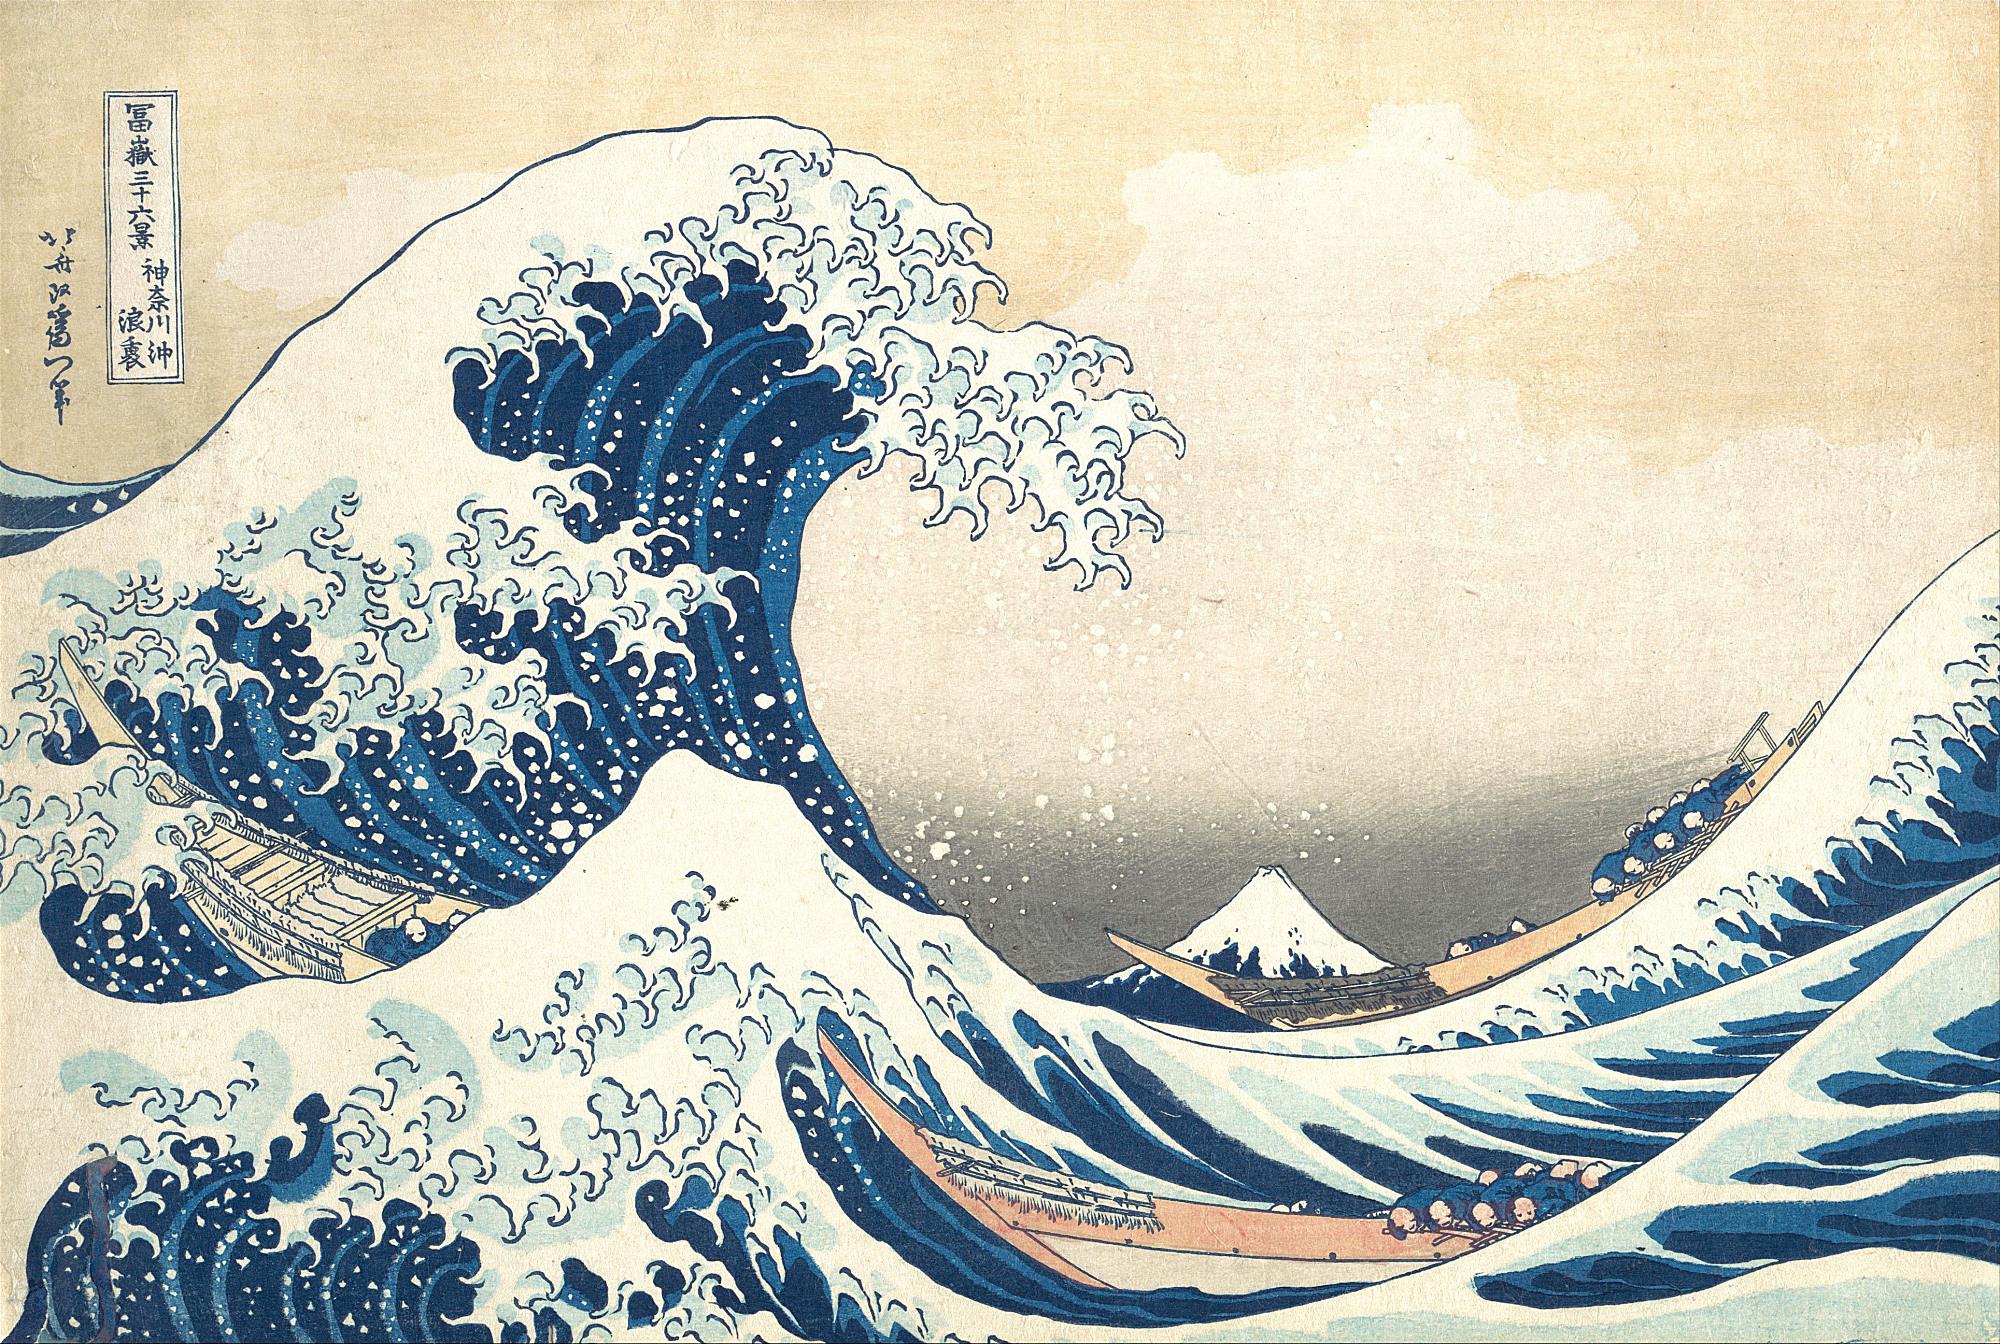 日本江户时代浮世绘最著名画:《神奈川冲浪里》